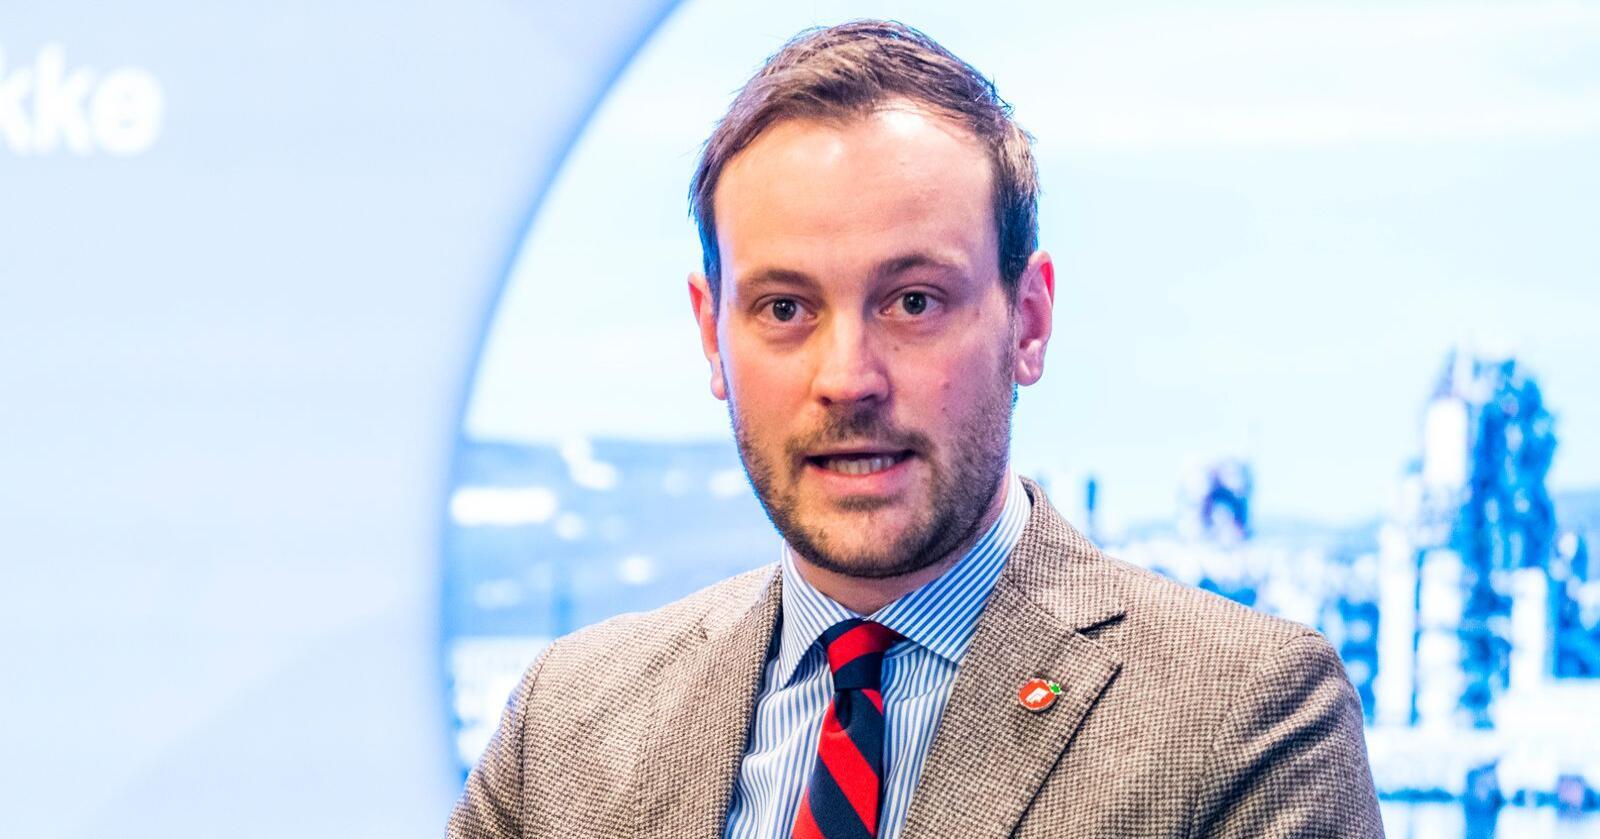 Næringspolitisk talsperson i Fremskrittspartiet, Sivert Bjørnstad. Foto: Håkon Mosvold Larsen / NTB